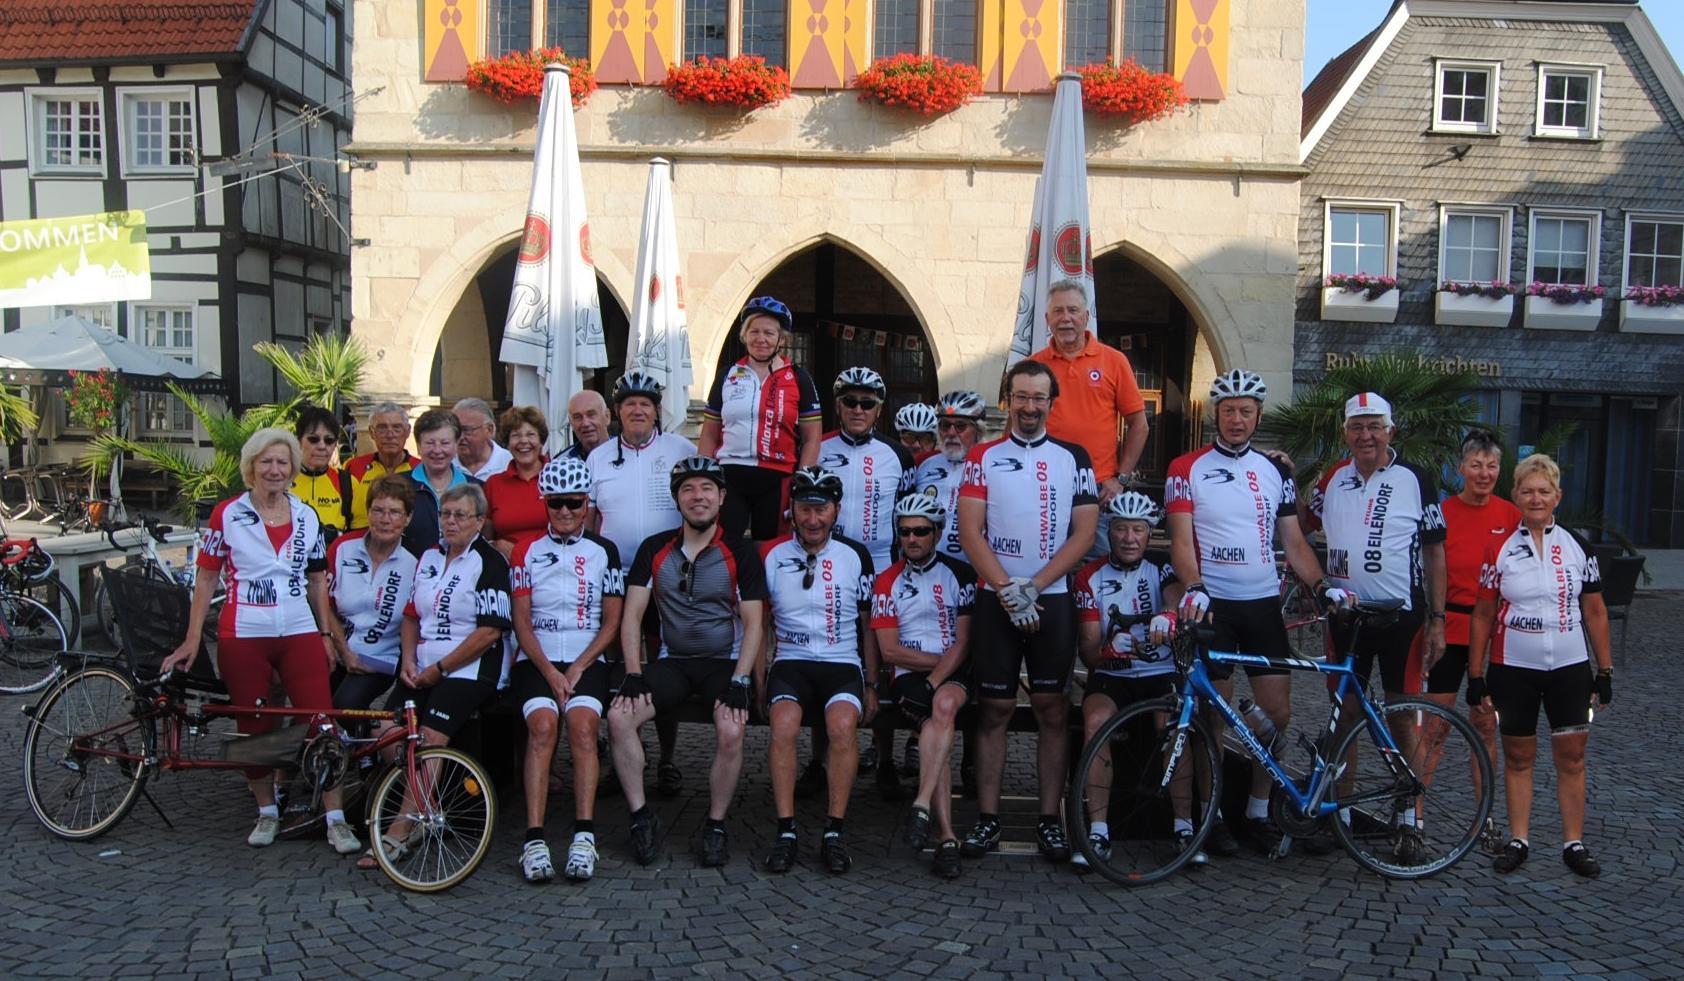 Unsere Teilnehmer vor dem Rathaus in Werne